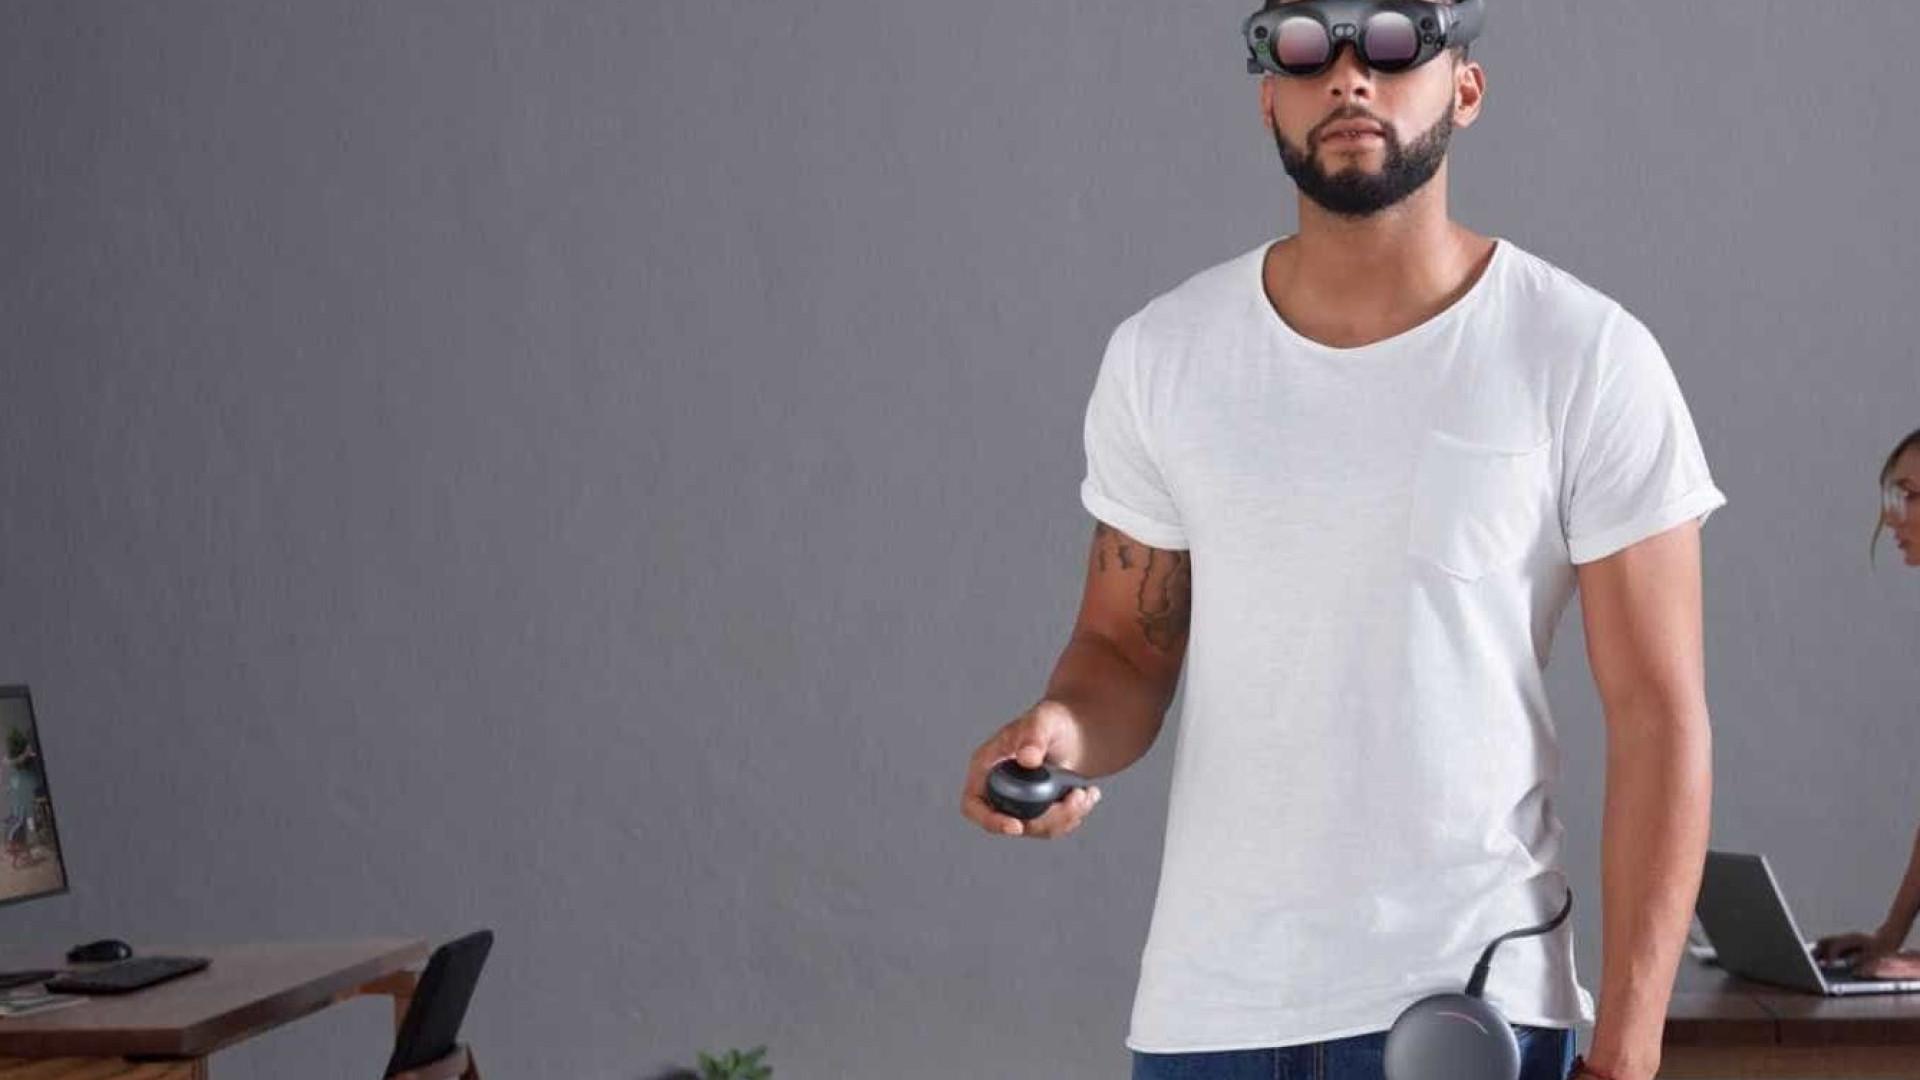 Óculos de realidade aumentada substituirão smartphones, diz Epic Games